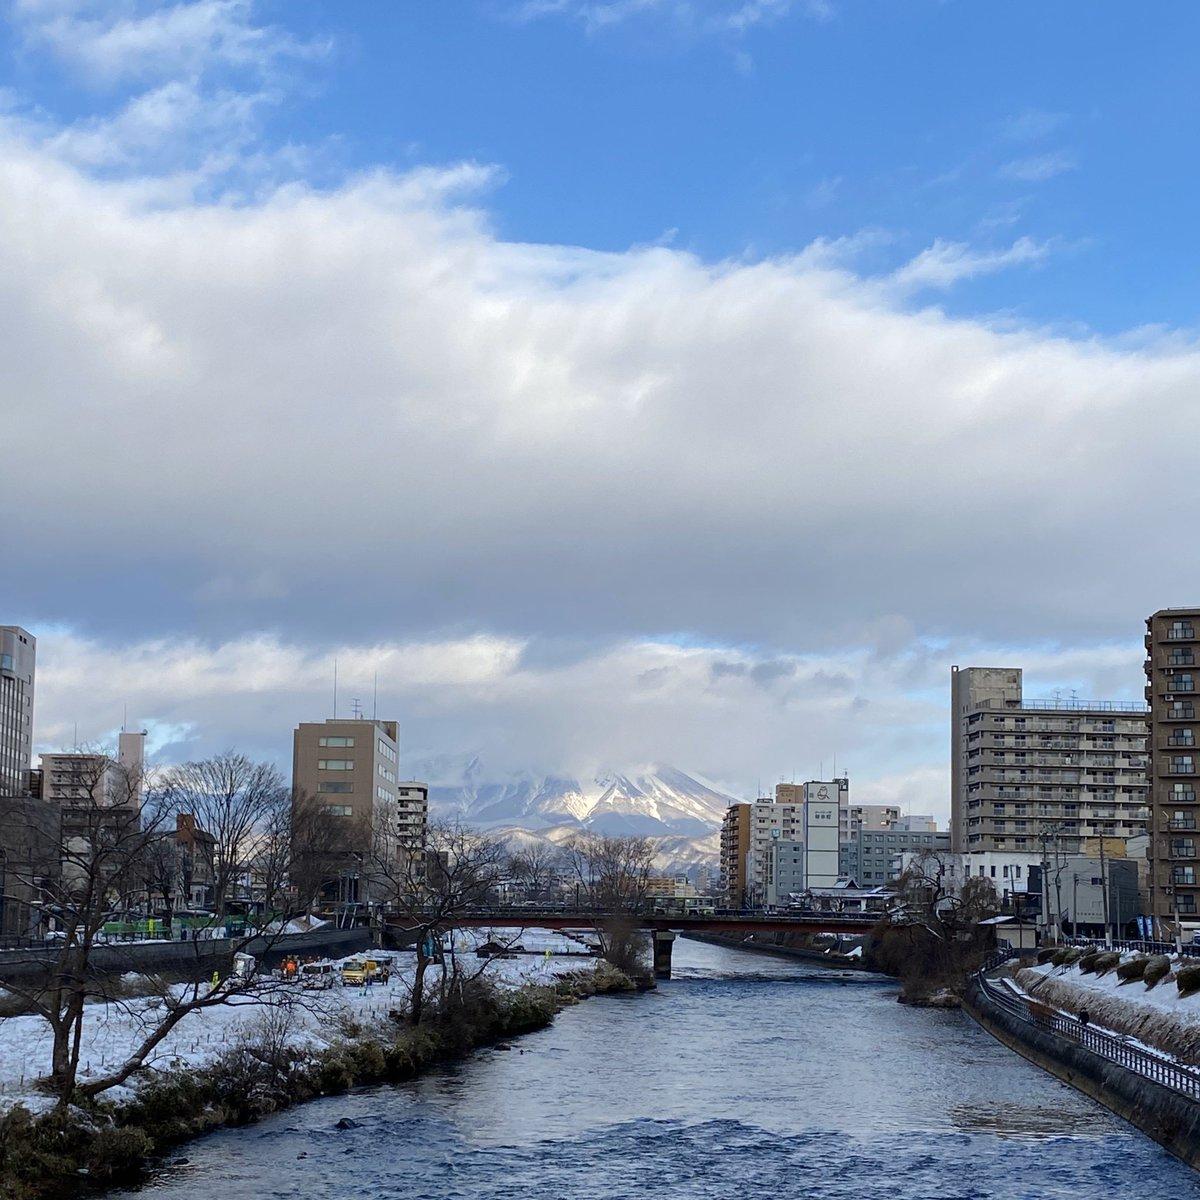 2020/01/16 盛岡市の開運橋から撮影。みなさま、体調管理に気をつけてお過ごしください。 #岩手 #盛岡 #北上川 #岩手においでよ #ヒーローの日 #禁酒の日